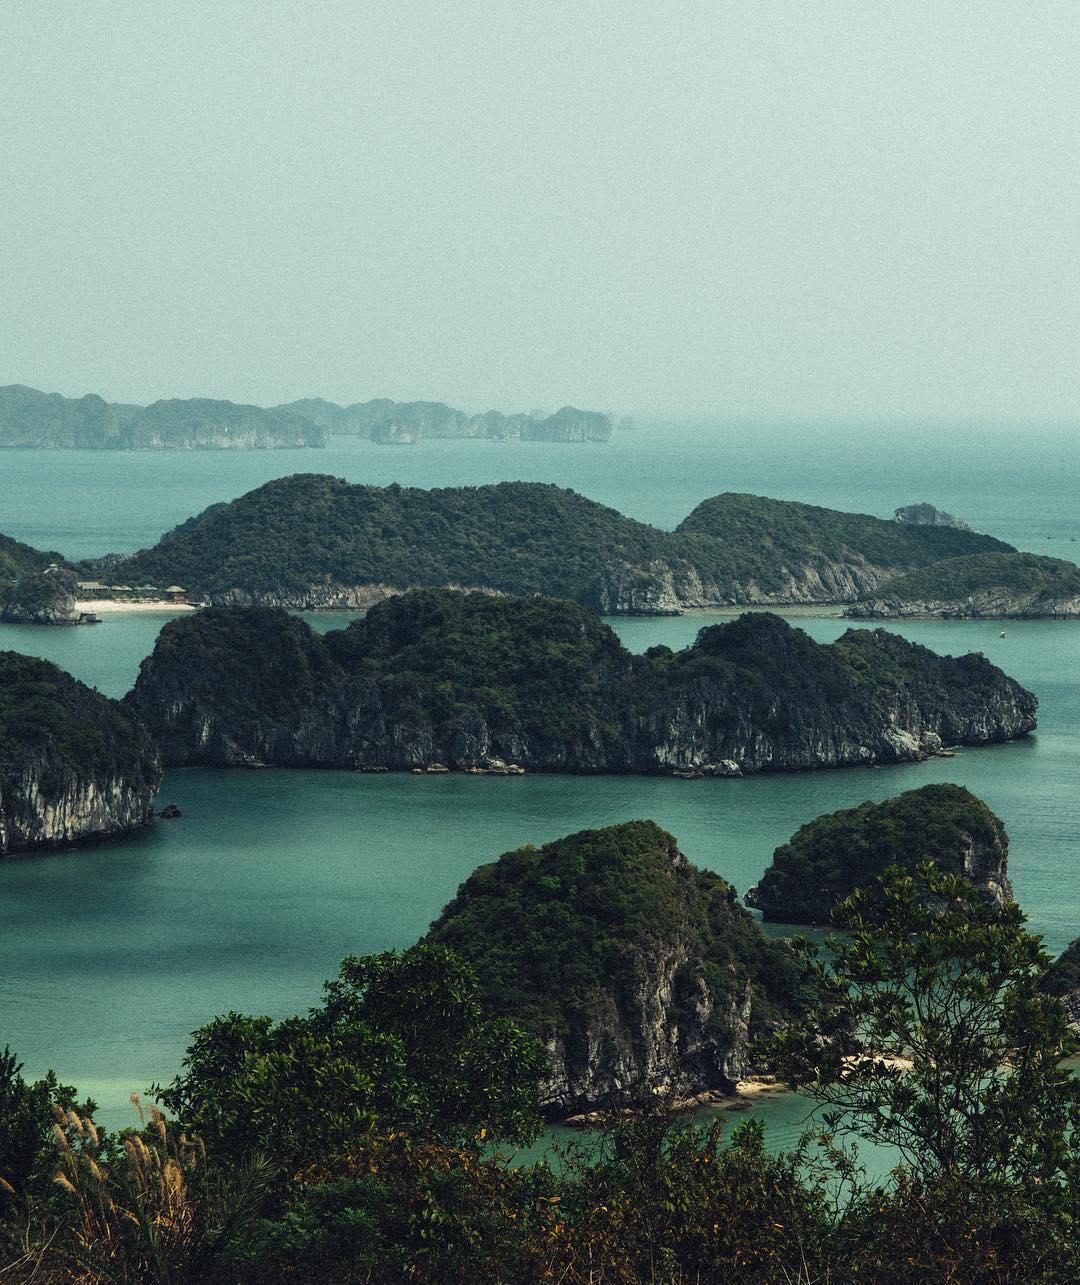 Điểm danh 5 điểm du lịch hot nhất Vịnh Bắc Bộ dịp 30/4 năm nay